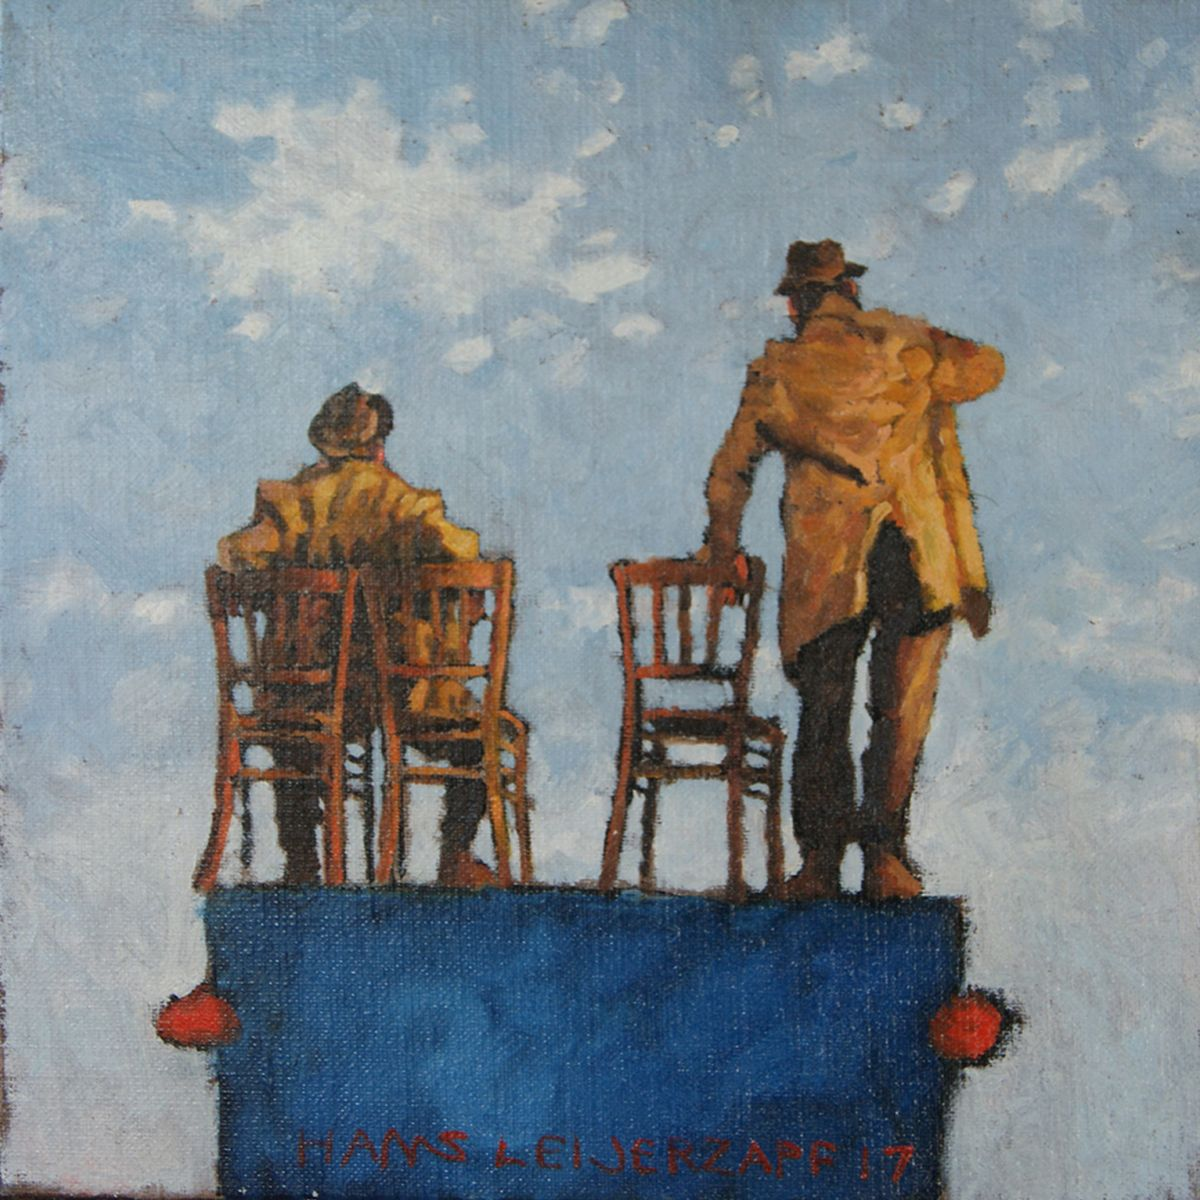 Kunst: Zo snel kan het gaan van kunstenaar Hans Leijerzapf